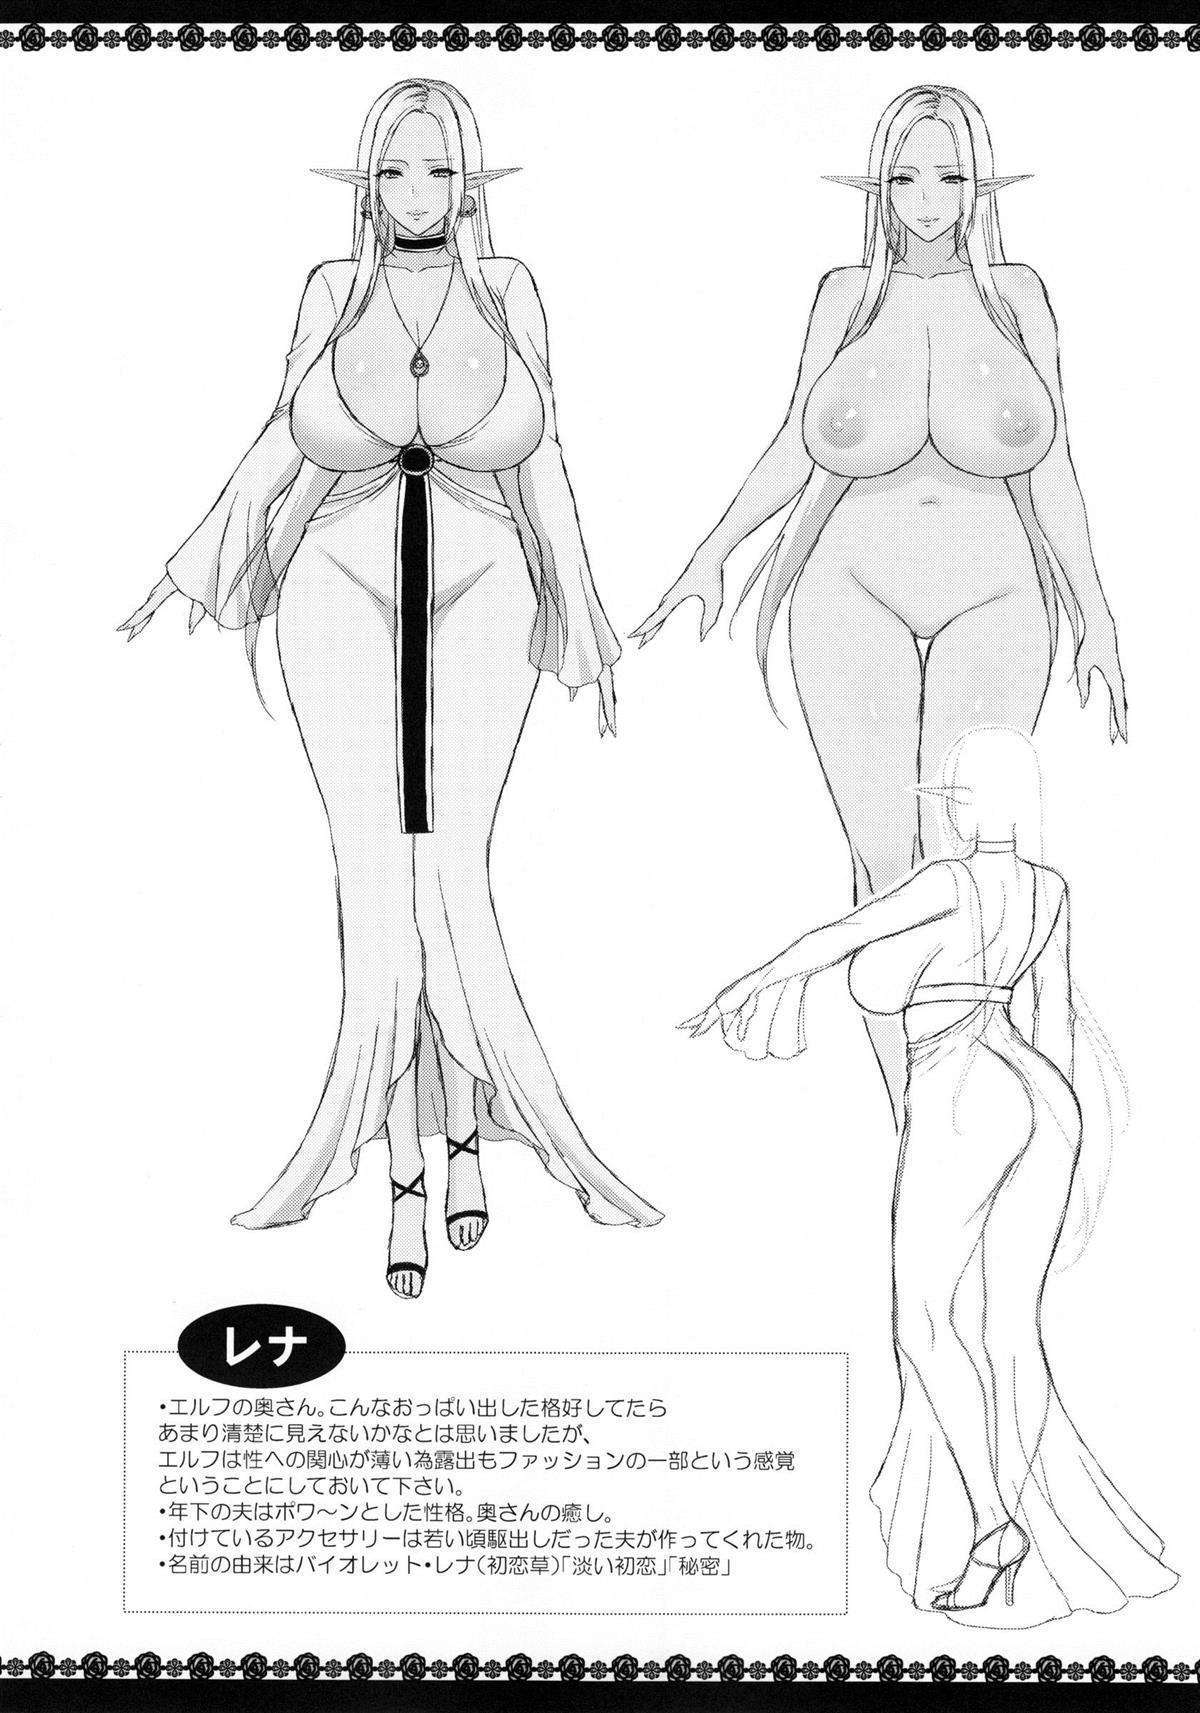 【エロ漫画】我が子を守るために、人間に体を差し出すエルフの巨乳人妻www【無料 エロ同人誌】 (38)